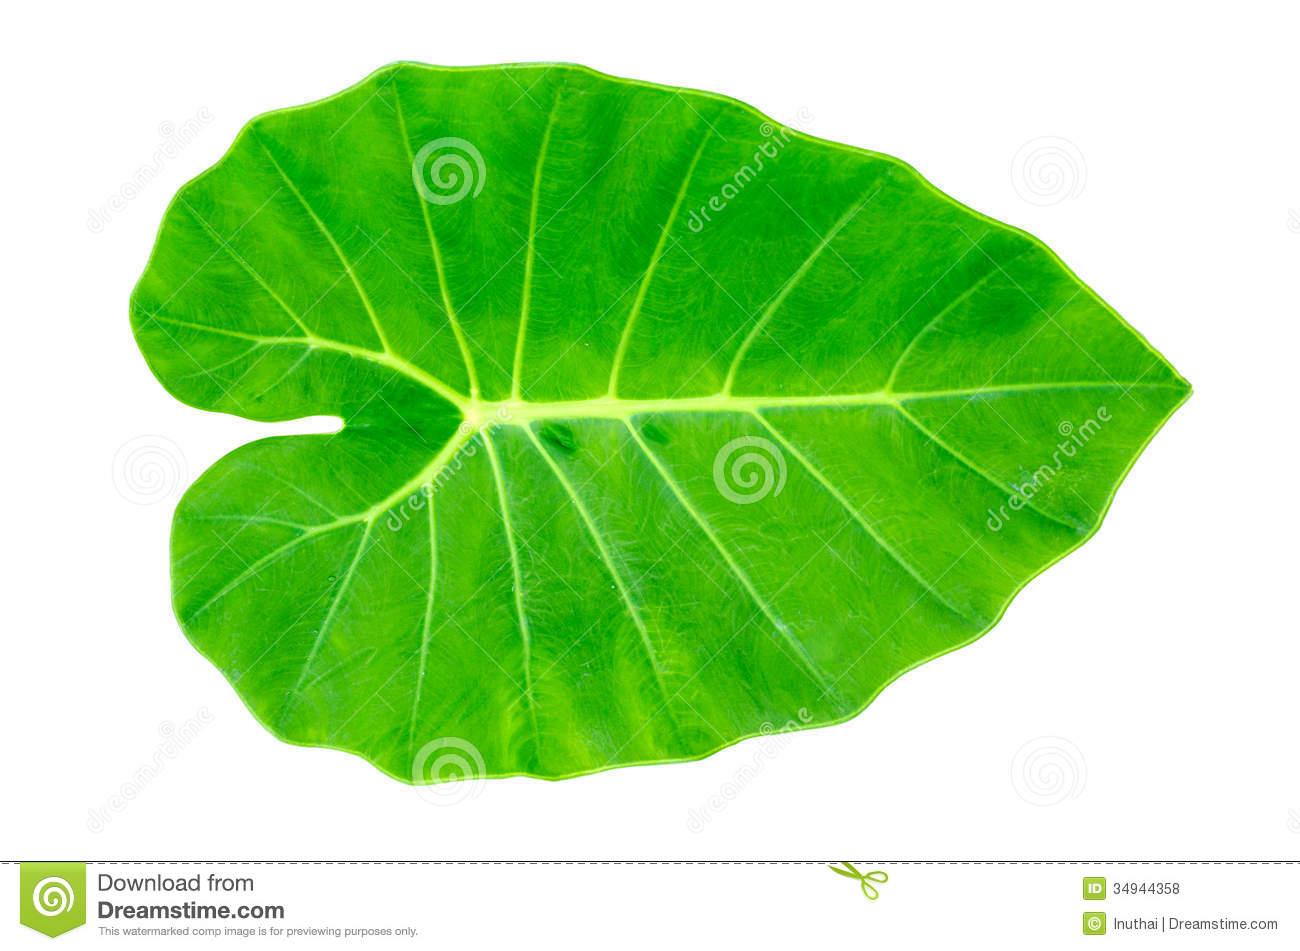 Elephant Ear Leaf Clipart.